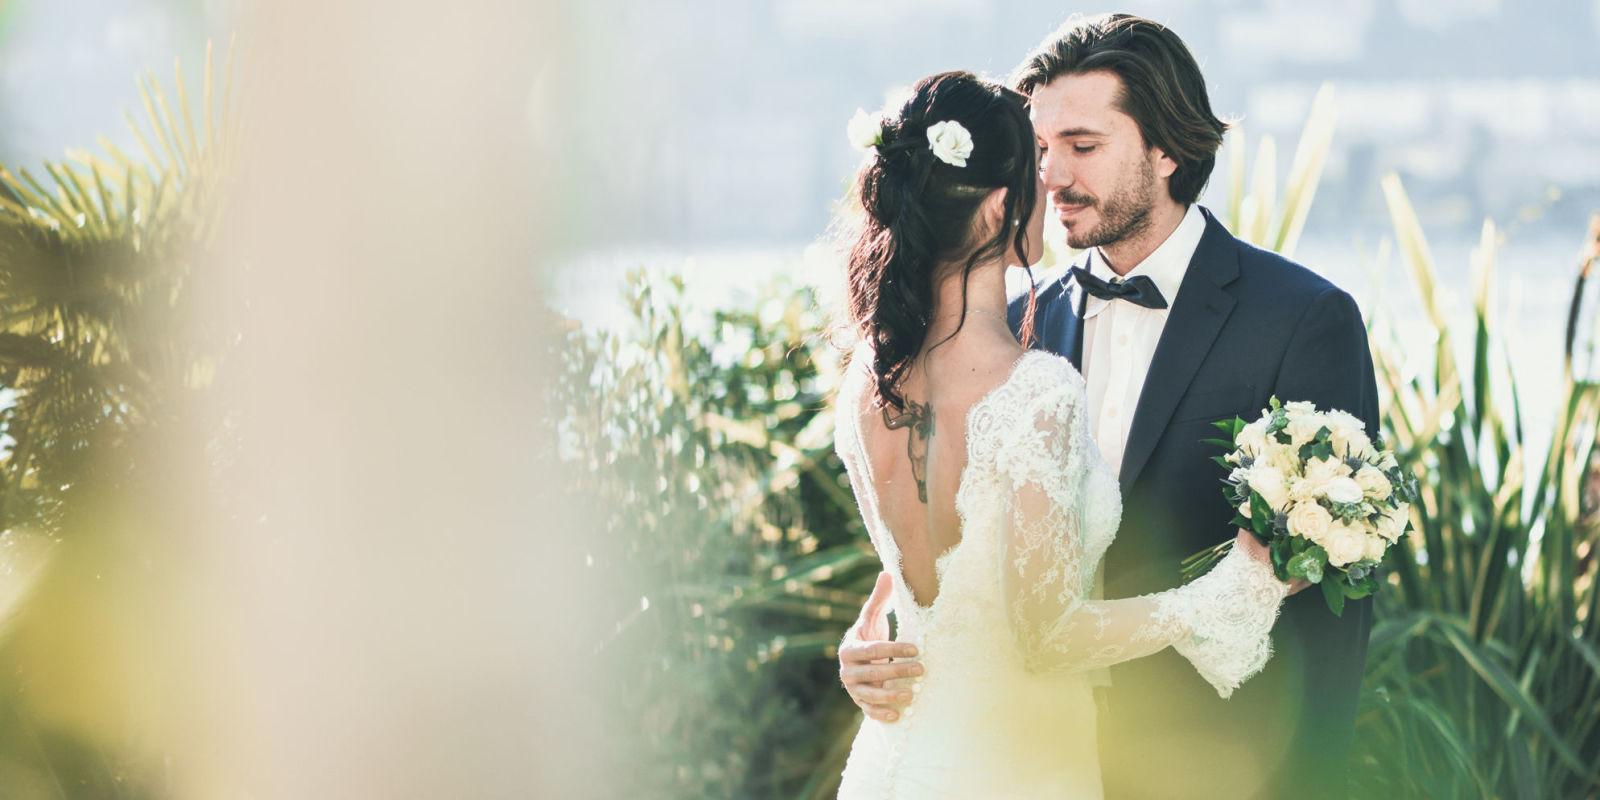 Matrimonio In Inverno Idee : Il matrimonio in inverno idee e consigli per una